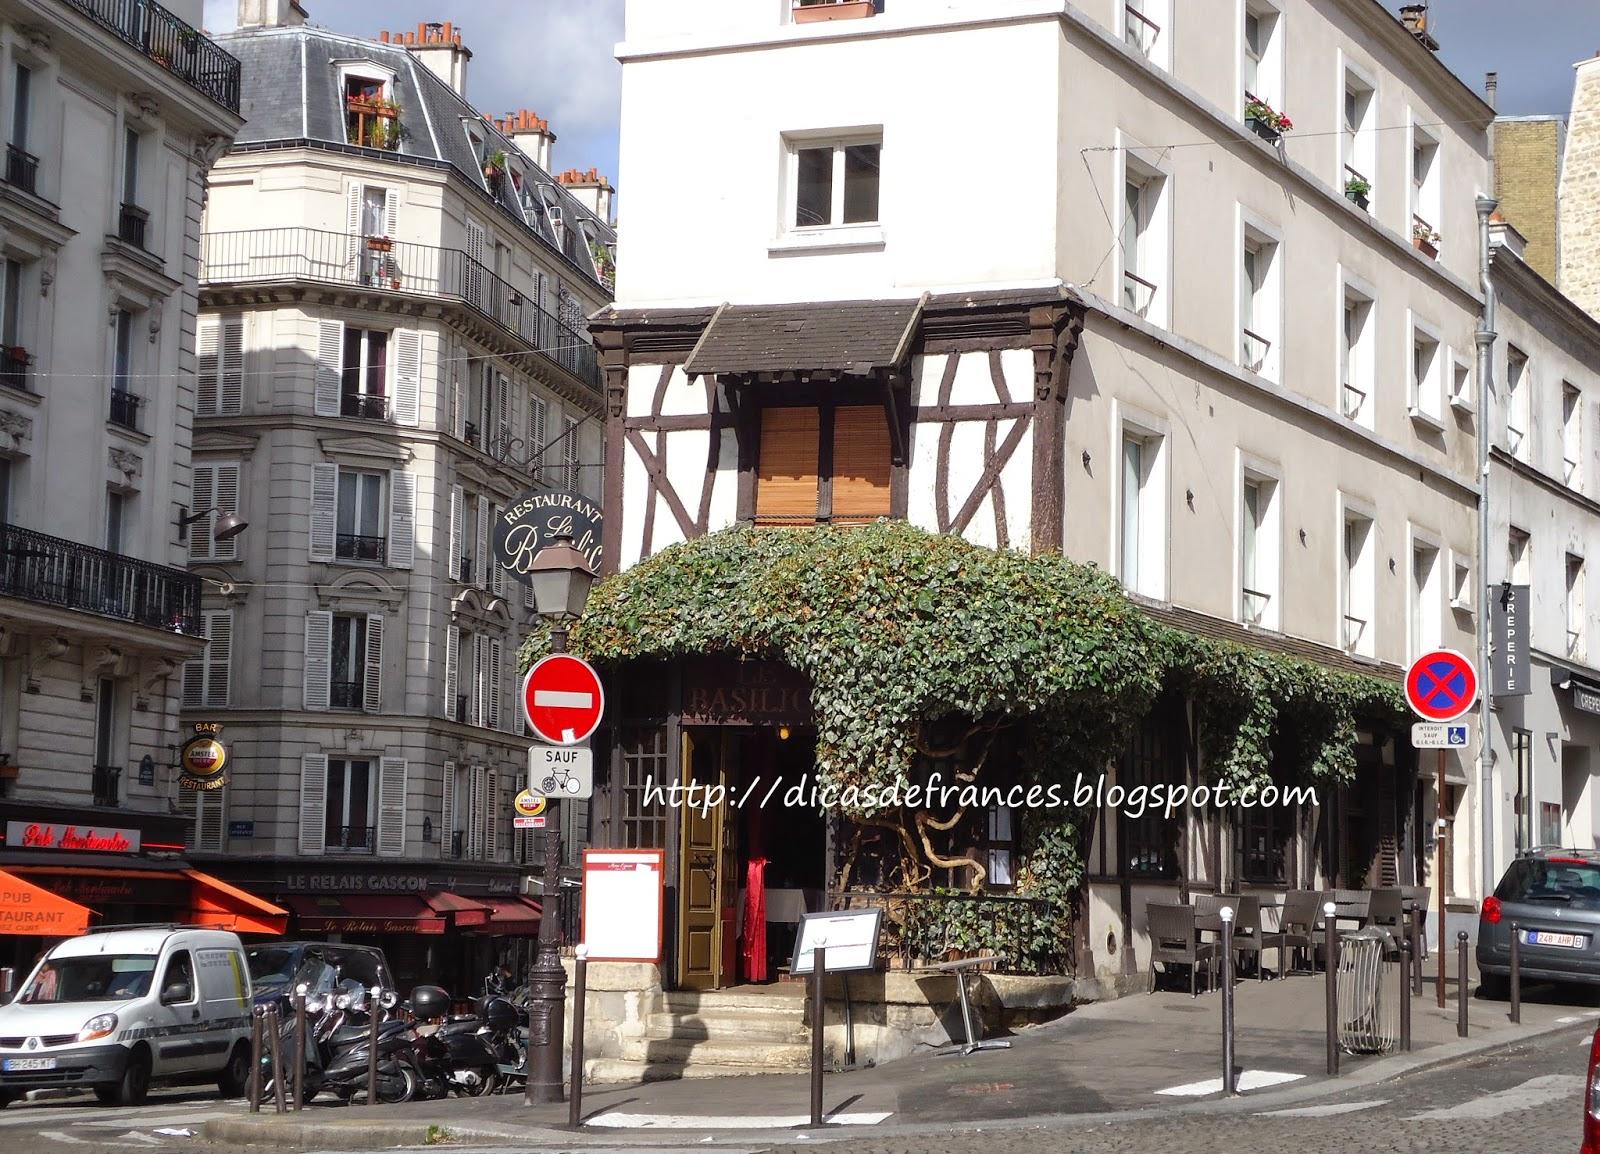 Dicas pr ticas de franc s para brasileiros montmartre for Restaurant miroir montmartre